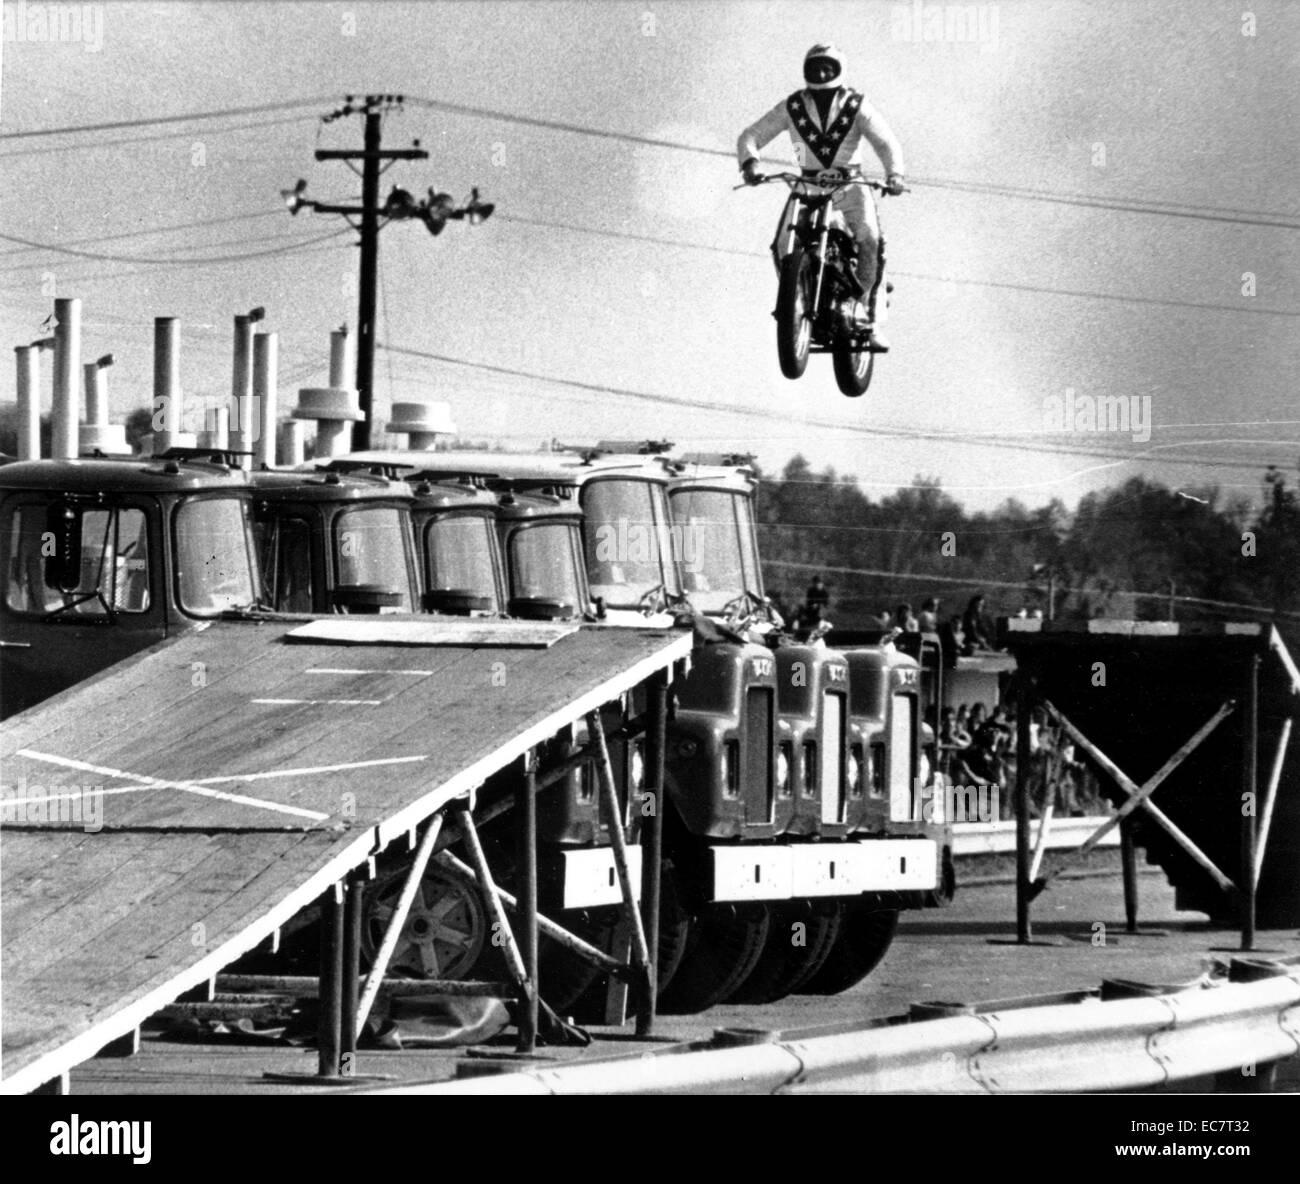 Evel Knieval - Stock Image